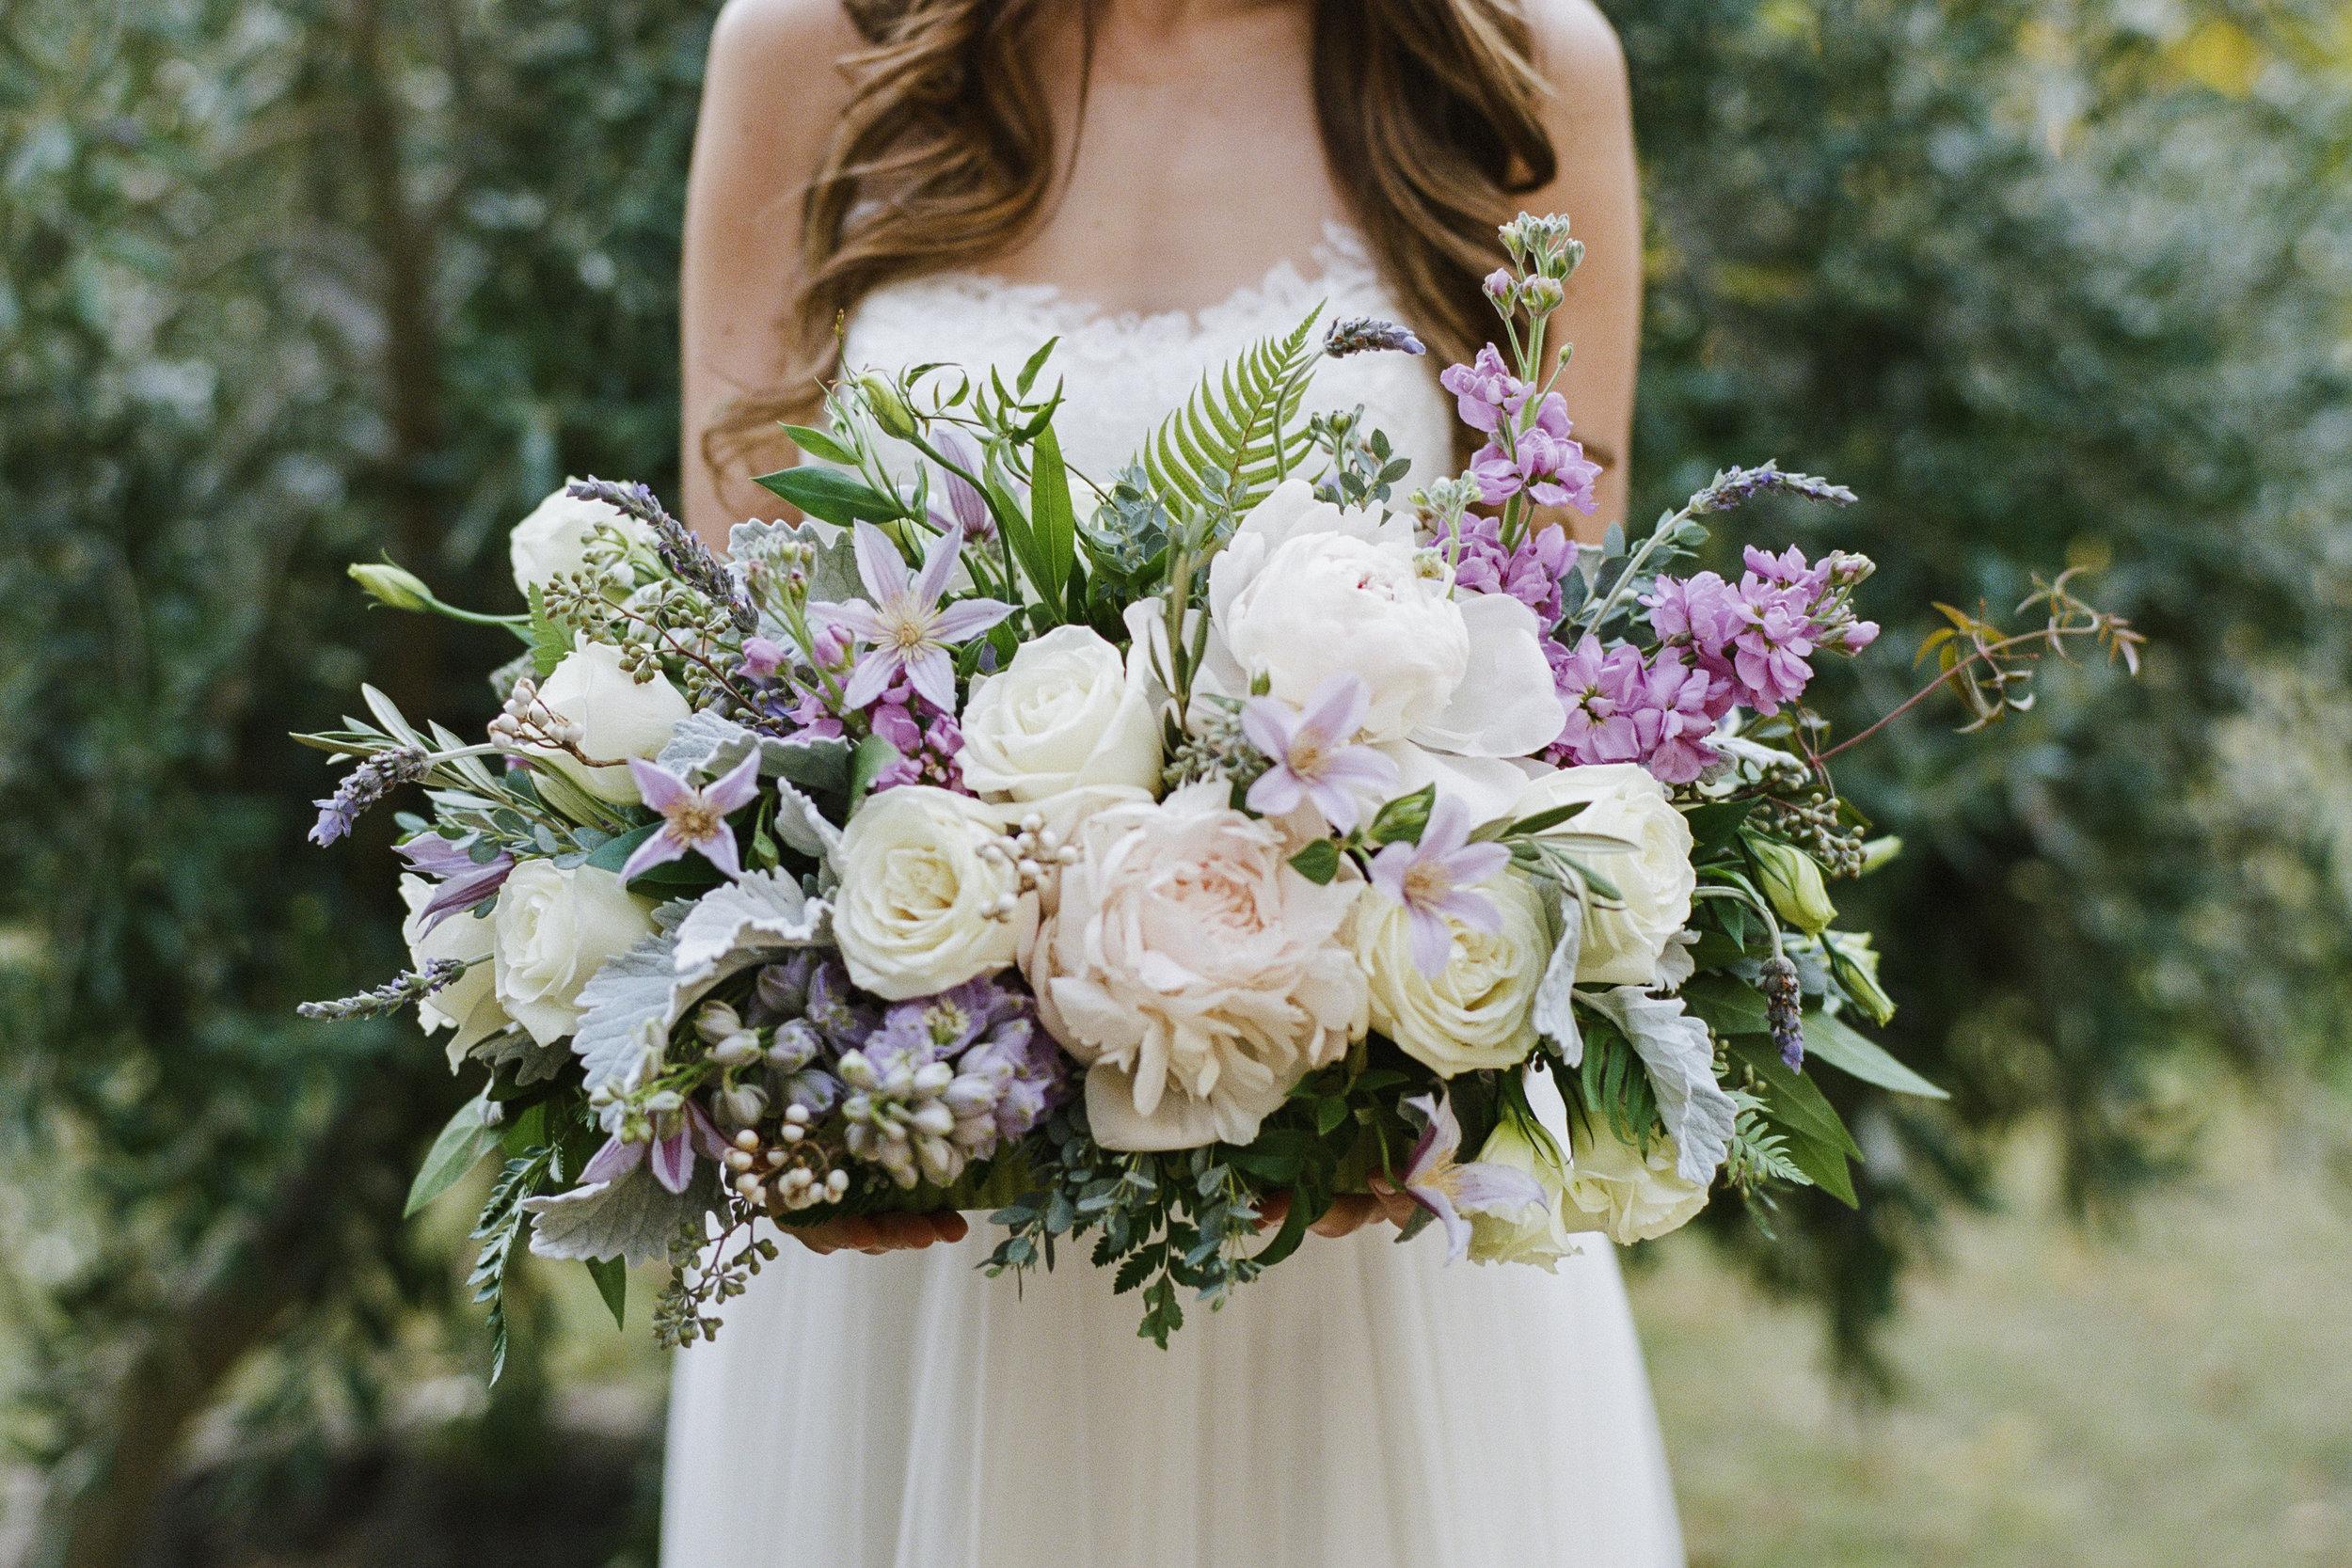 Violette-fleurs-roseville-sacramento-california-Flower-farm-inn-wedding-florist-spring-tablescape-blush-purple-lavender.jpg